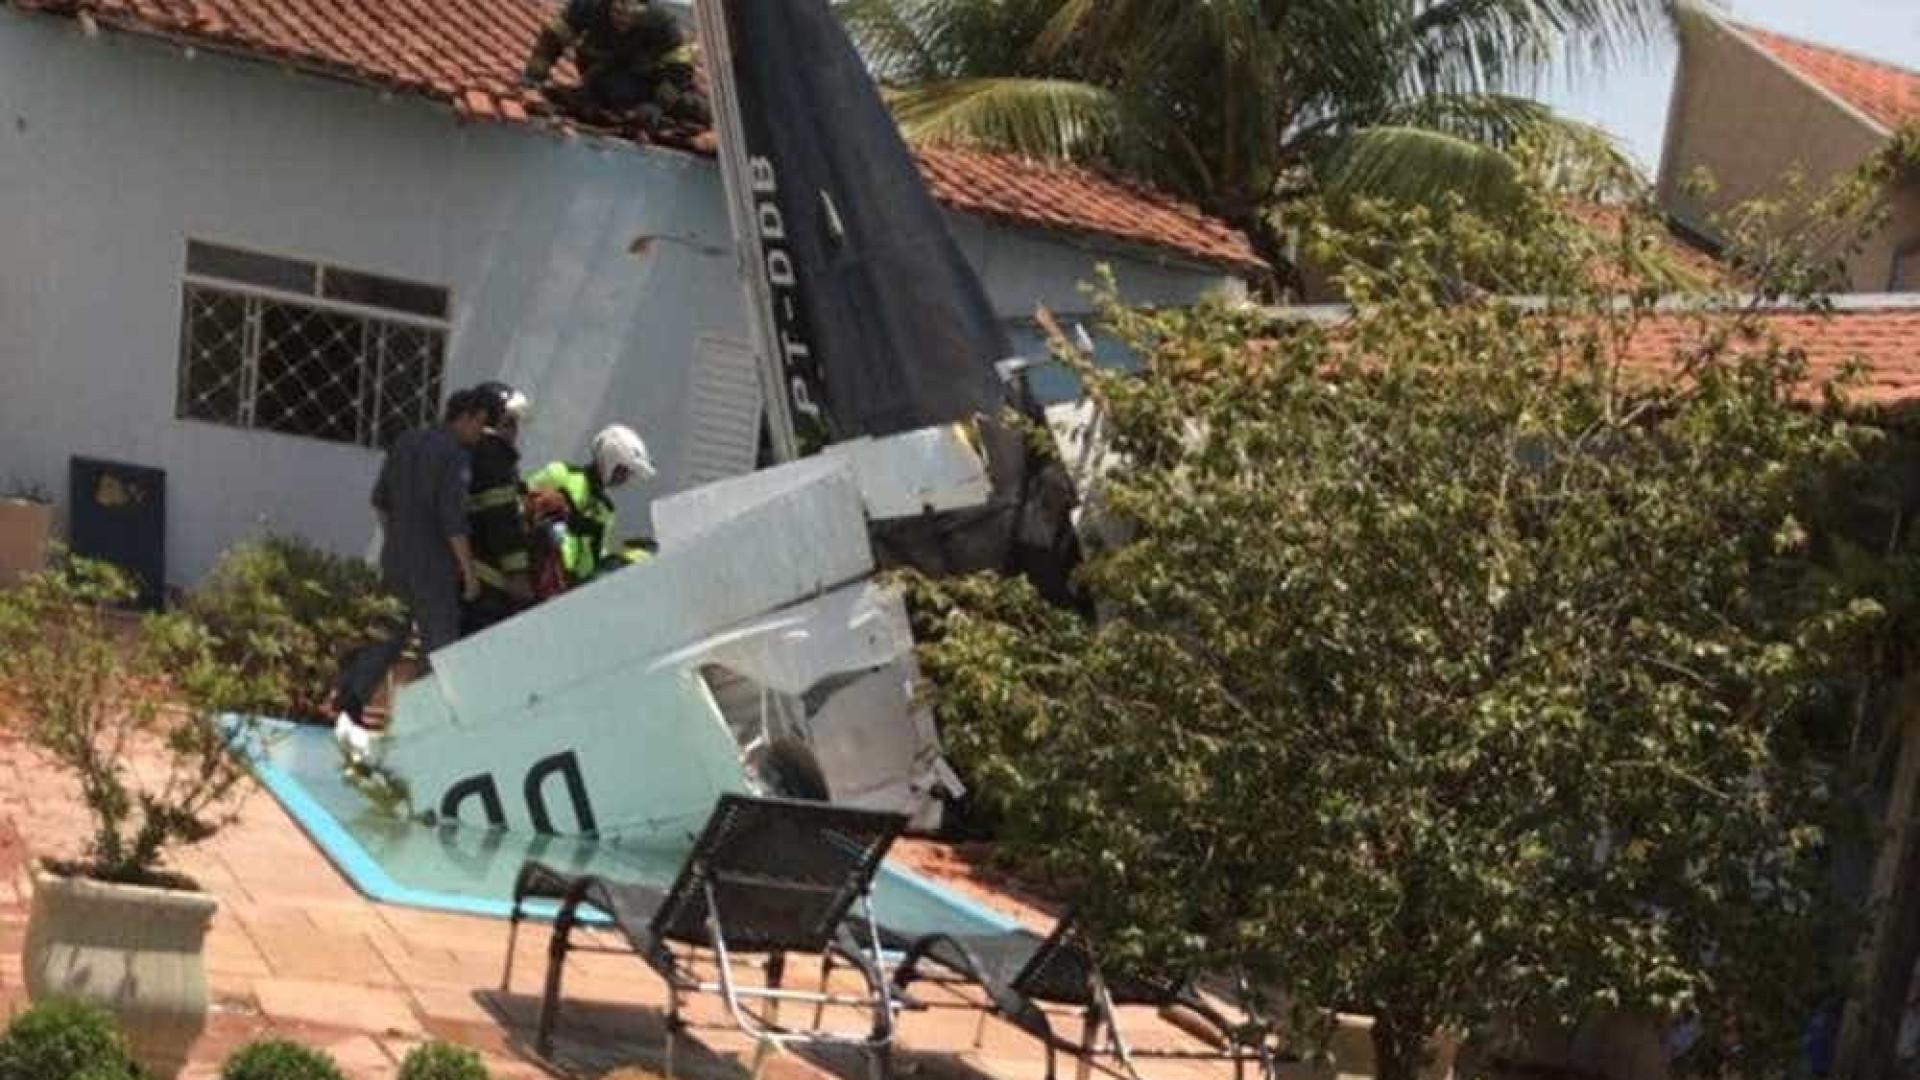 Queda de avião em Rio Preto deixa 3 mortos